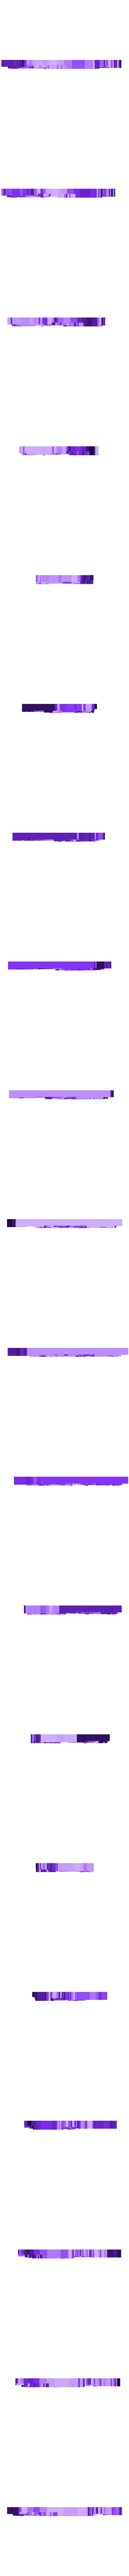 20120925D_Antikythera03.stl Télécharger fichier STL gratuit Mécanisme Antikythera • Objet pour imprimante 3D, Ghashgar